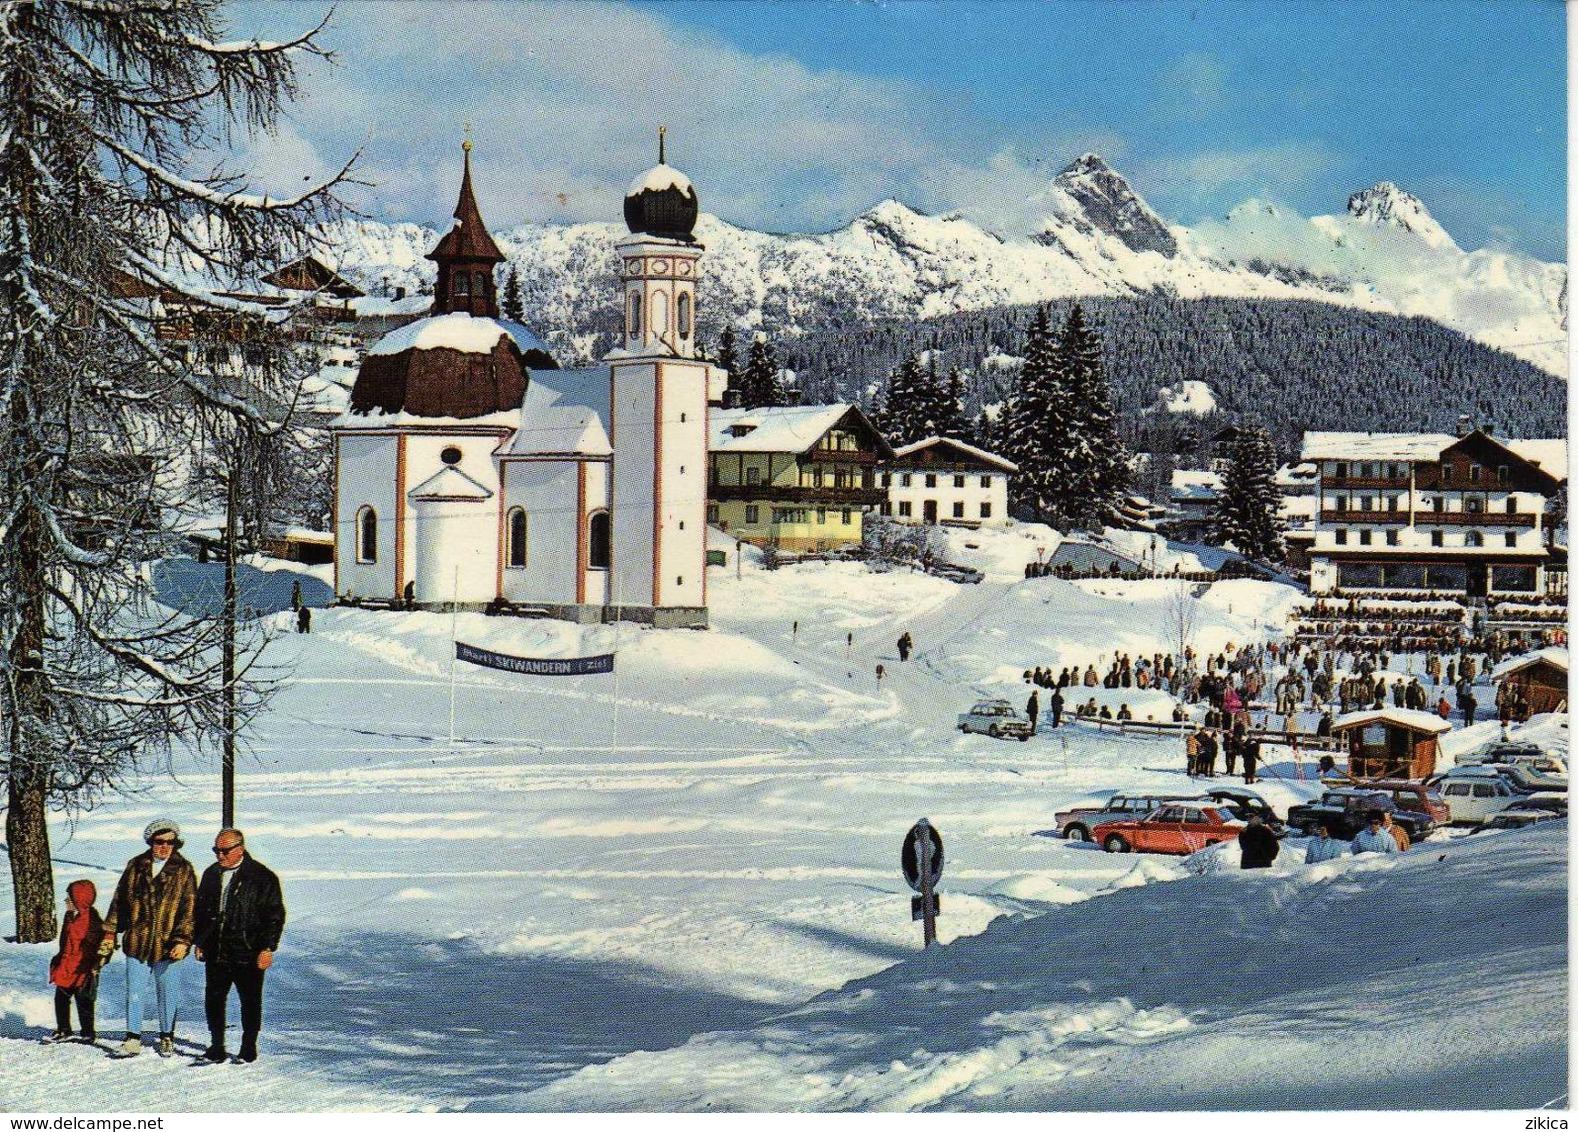 Seefeld - Seekirchlein ( Barock ) Und Hotel Wetterstein - Tirol - Austria - Hotels & Gaststätten